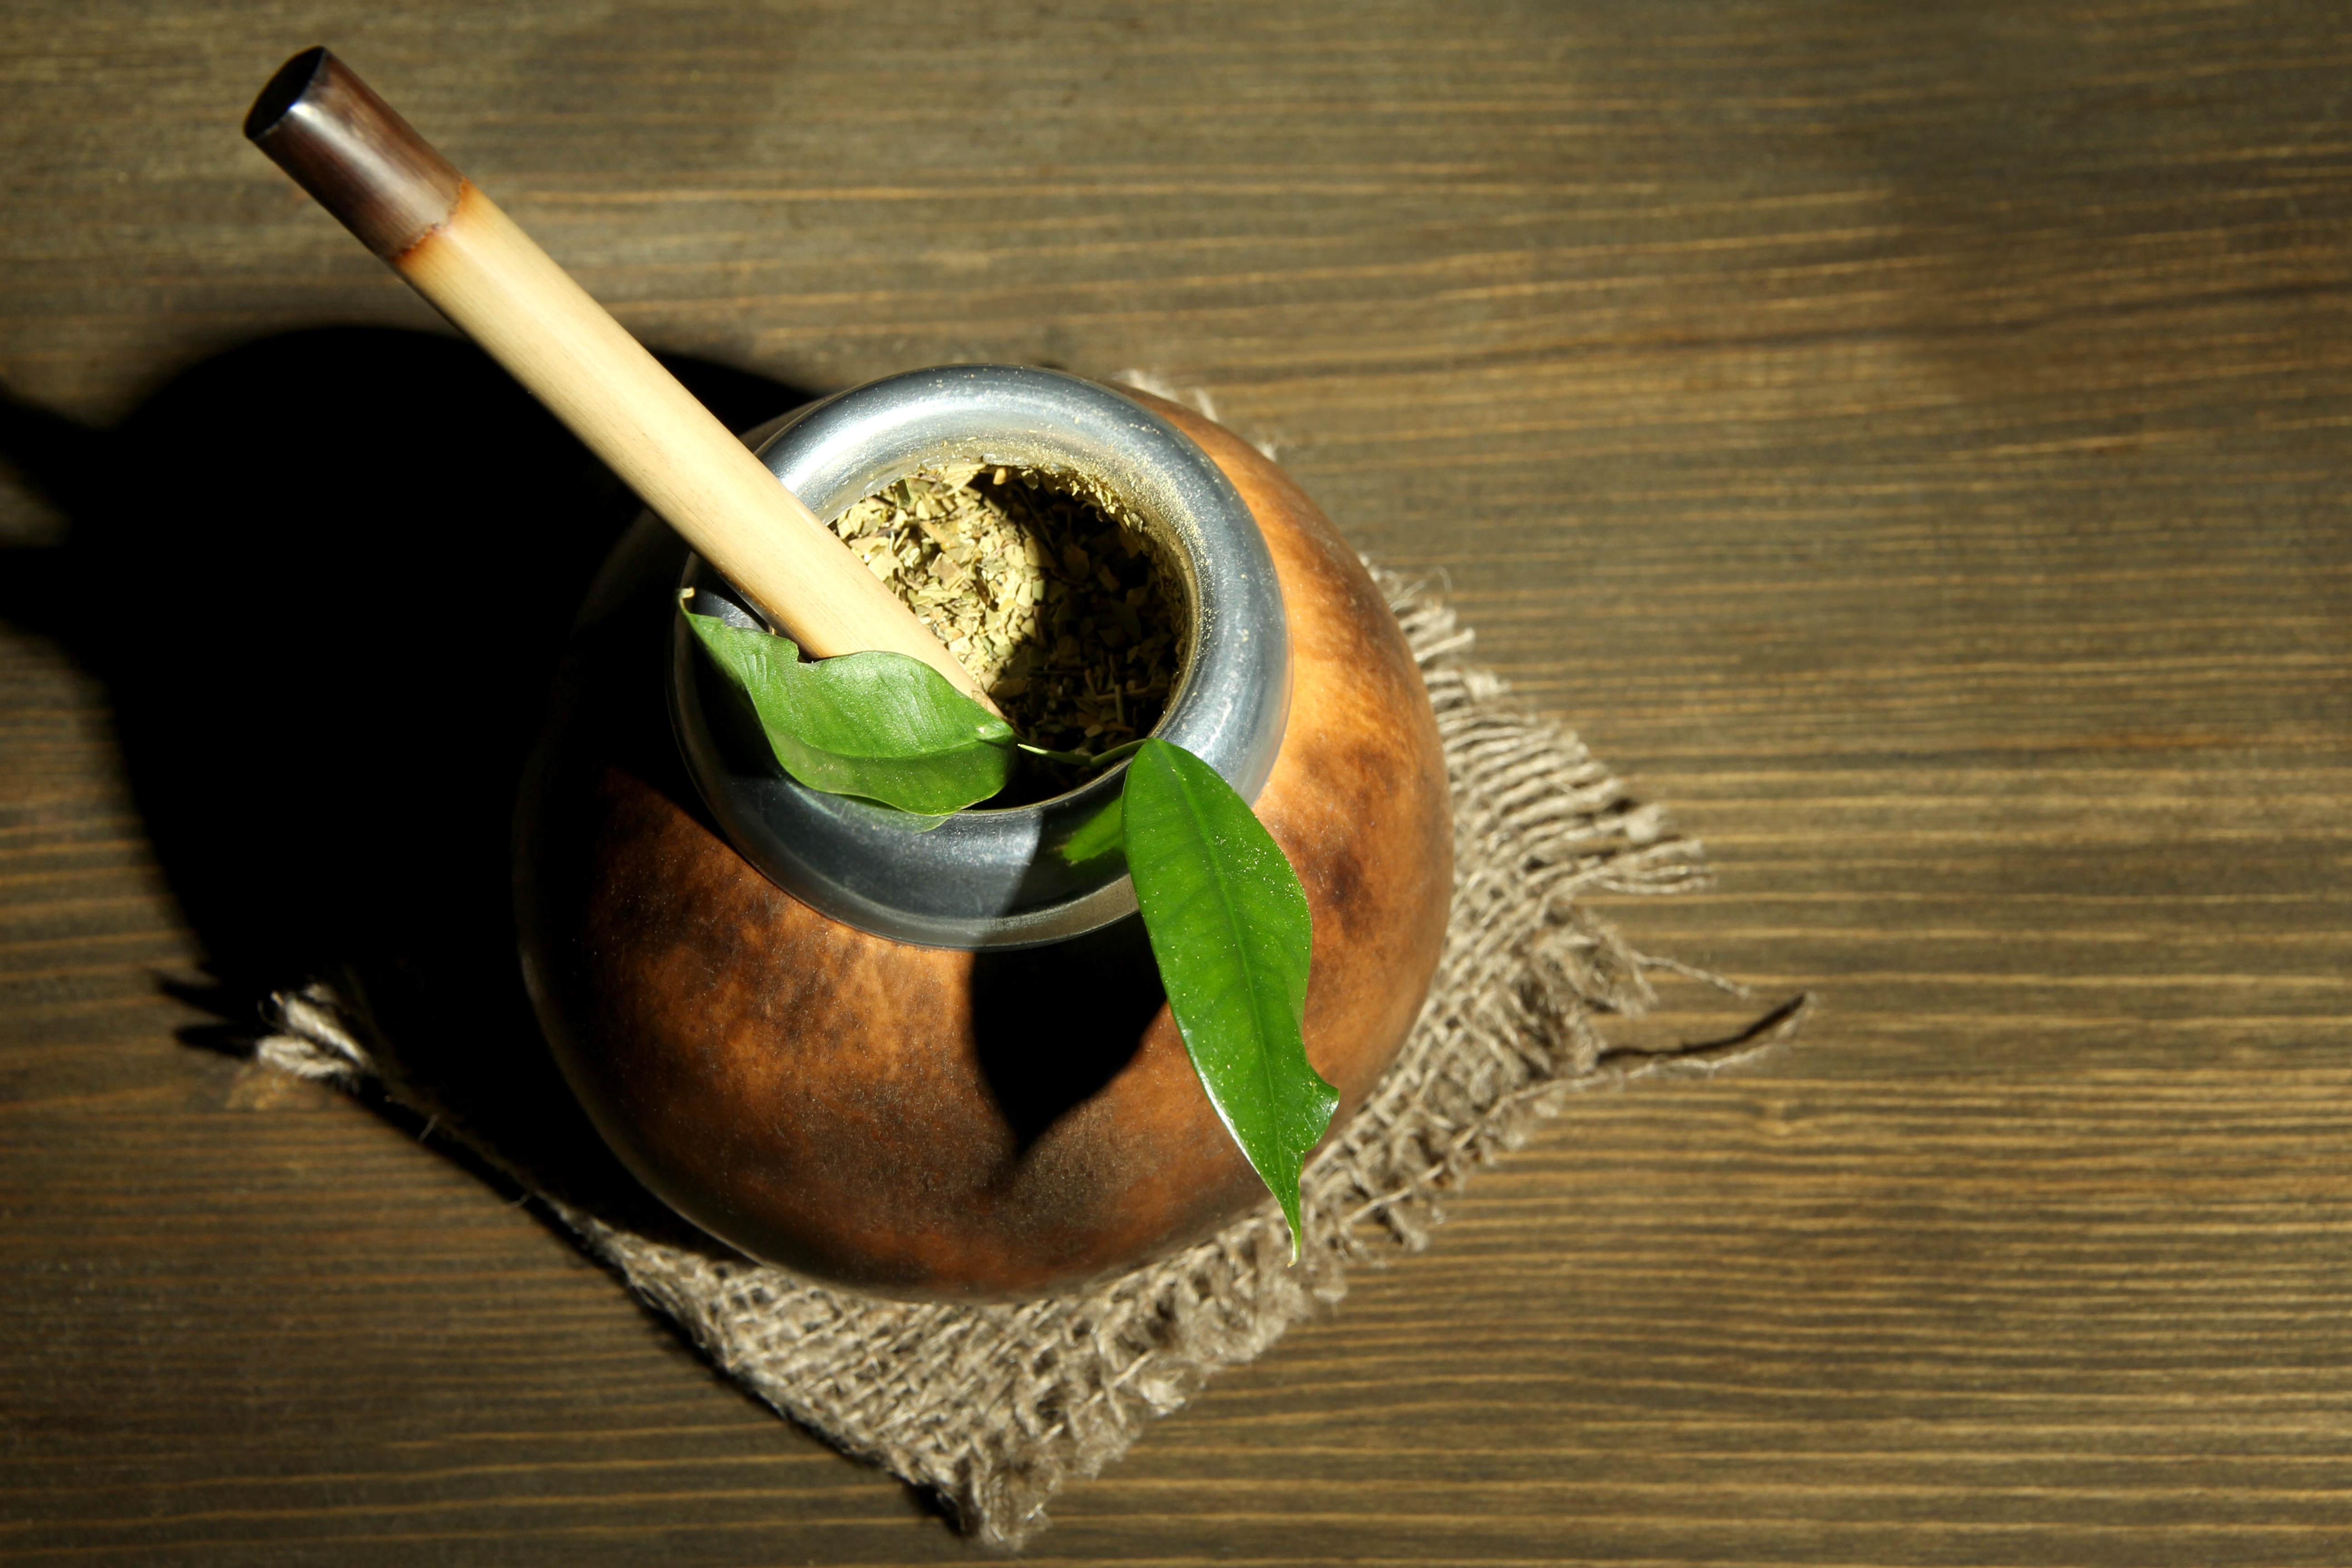 Чай матэ: что это такое, польза и вред парагвайского чая, свойства, состав